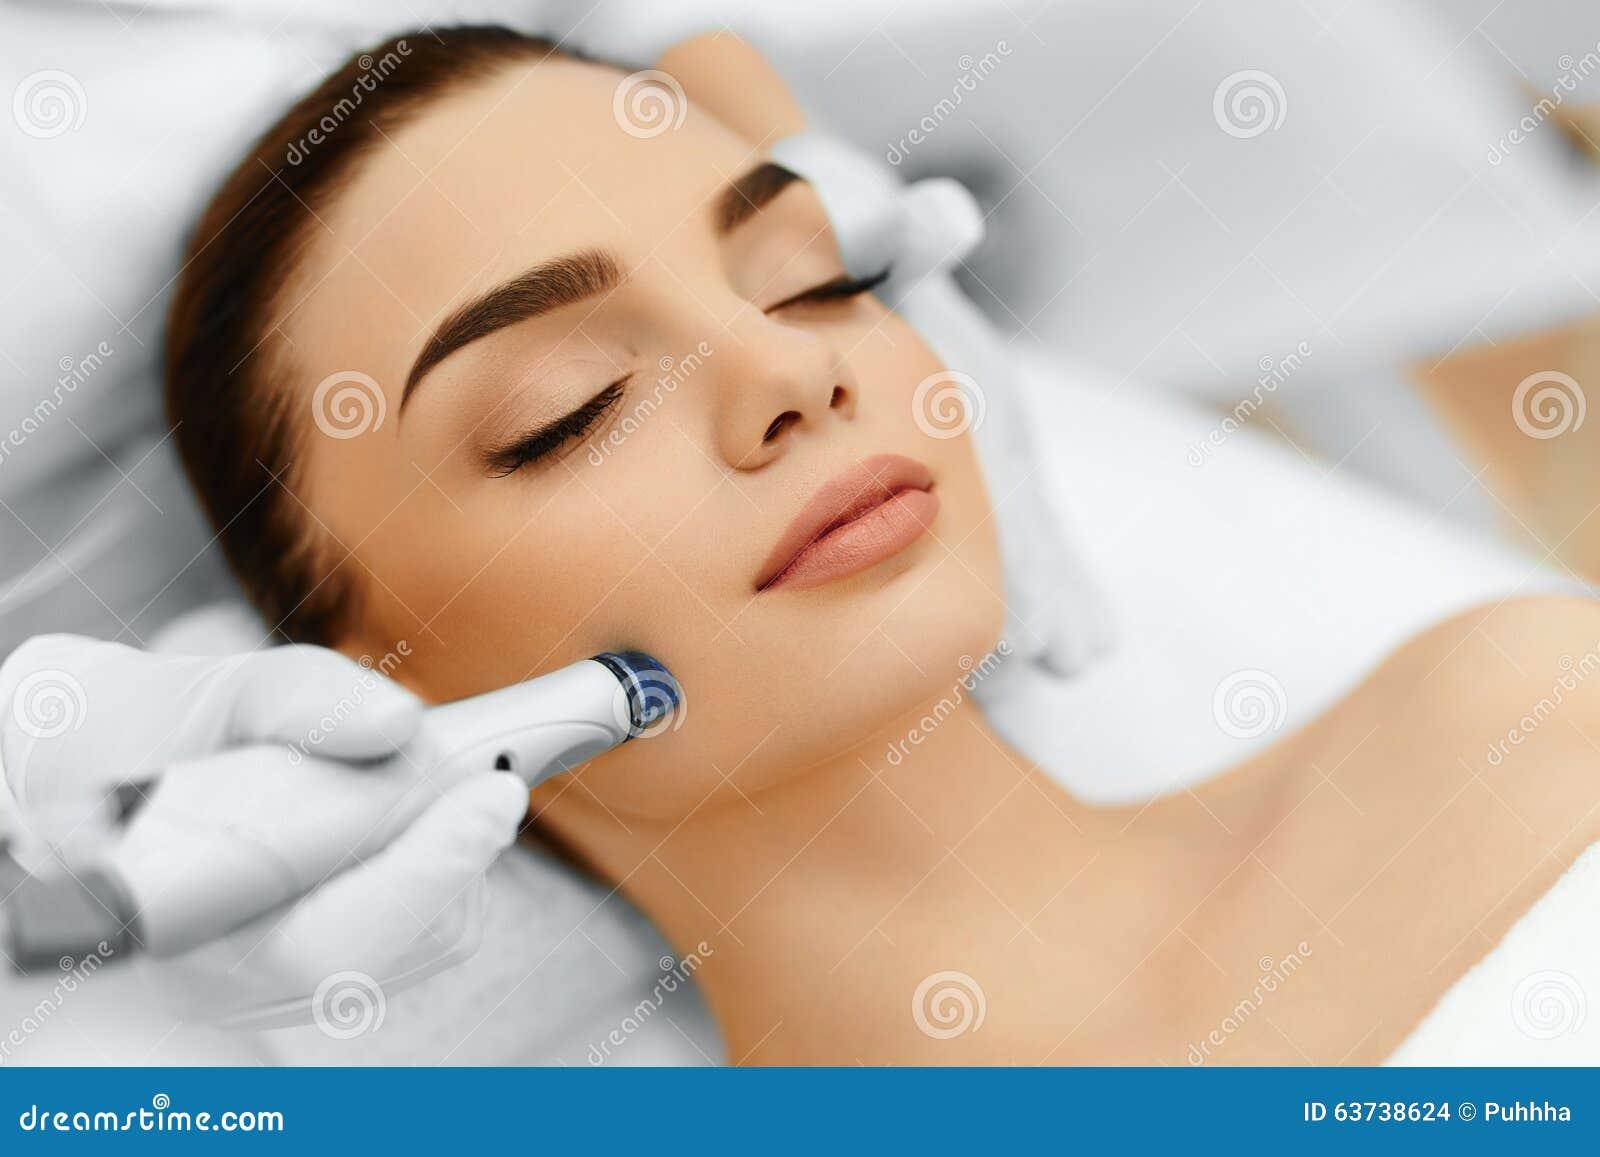 Φροντίδα δέρματος προσώπου Του προσώπου υδρο επεξεργασία αποφλοίωσης Microdermabrasion